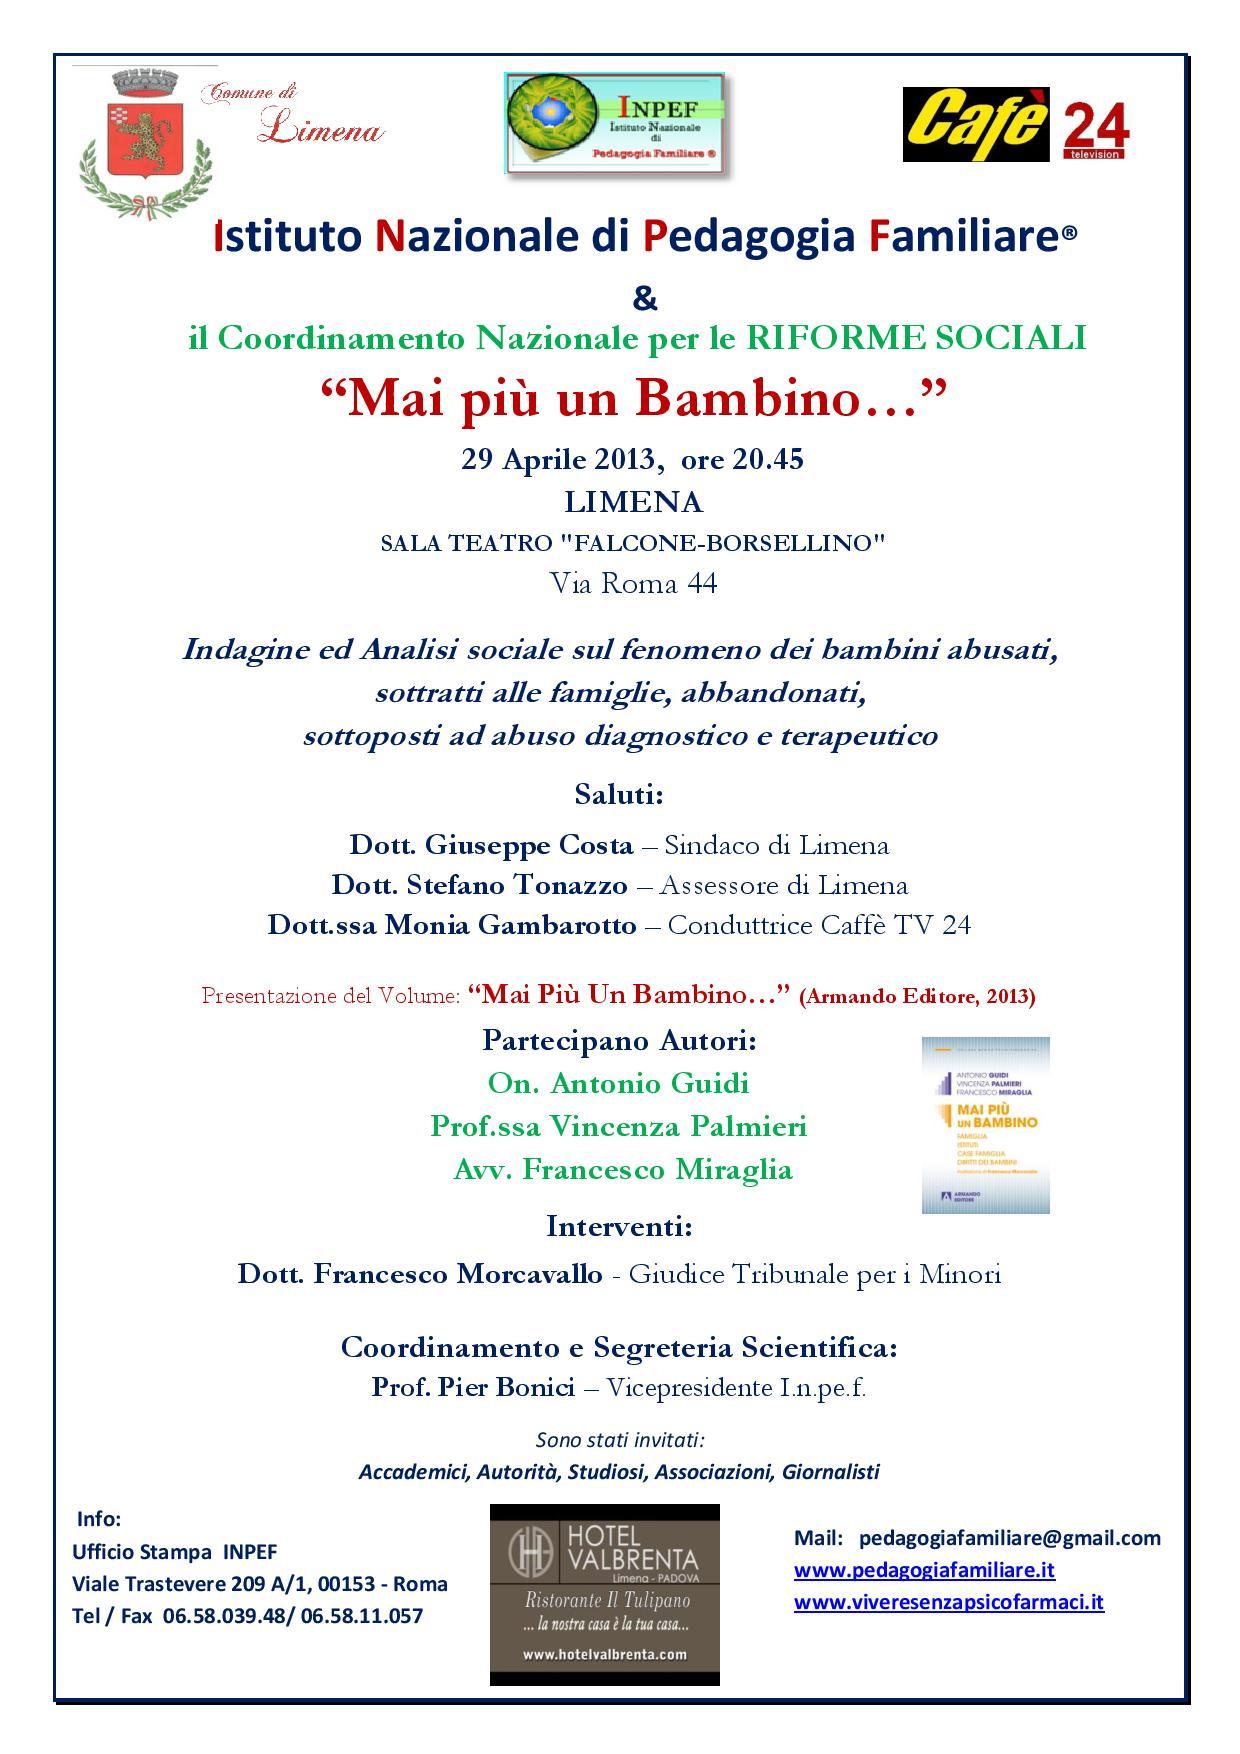 Locandina-Invito-Limena-page-001